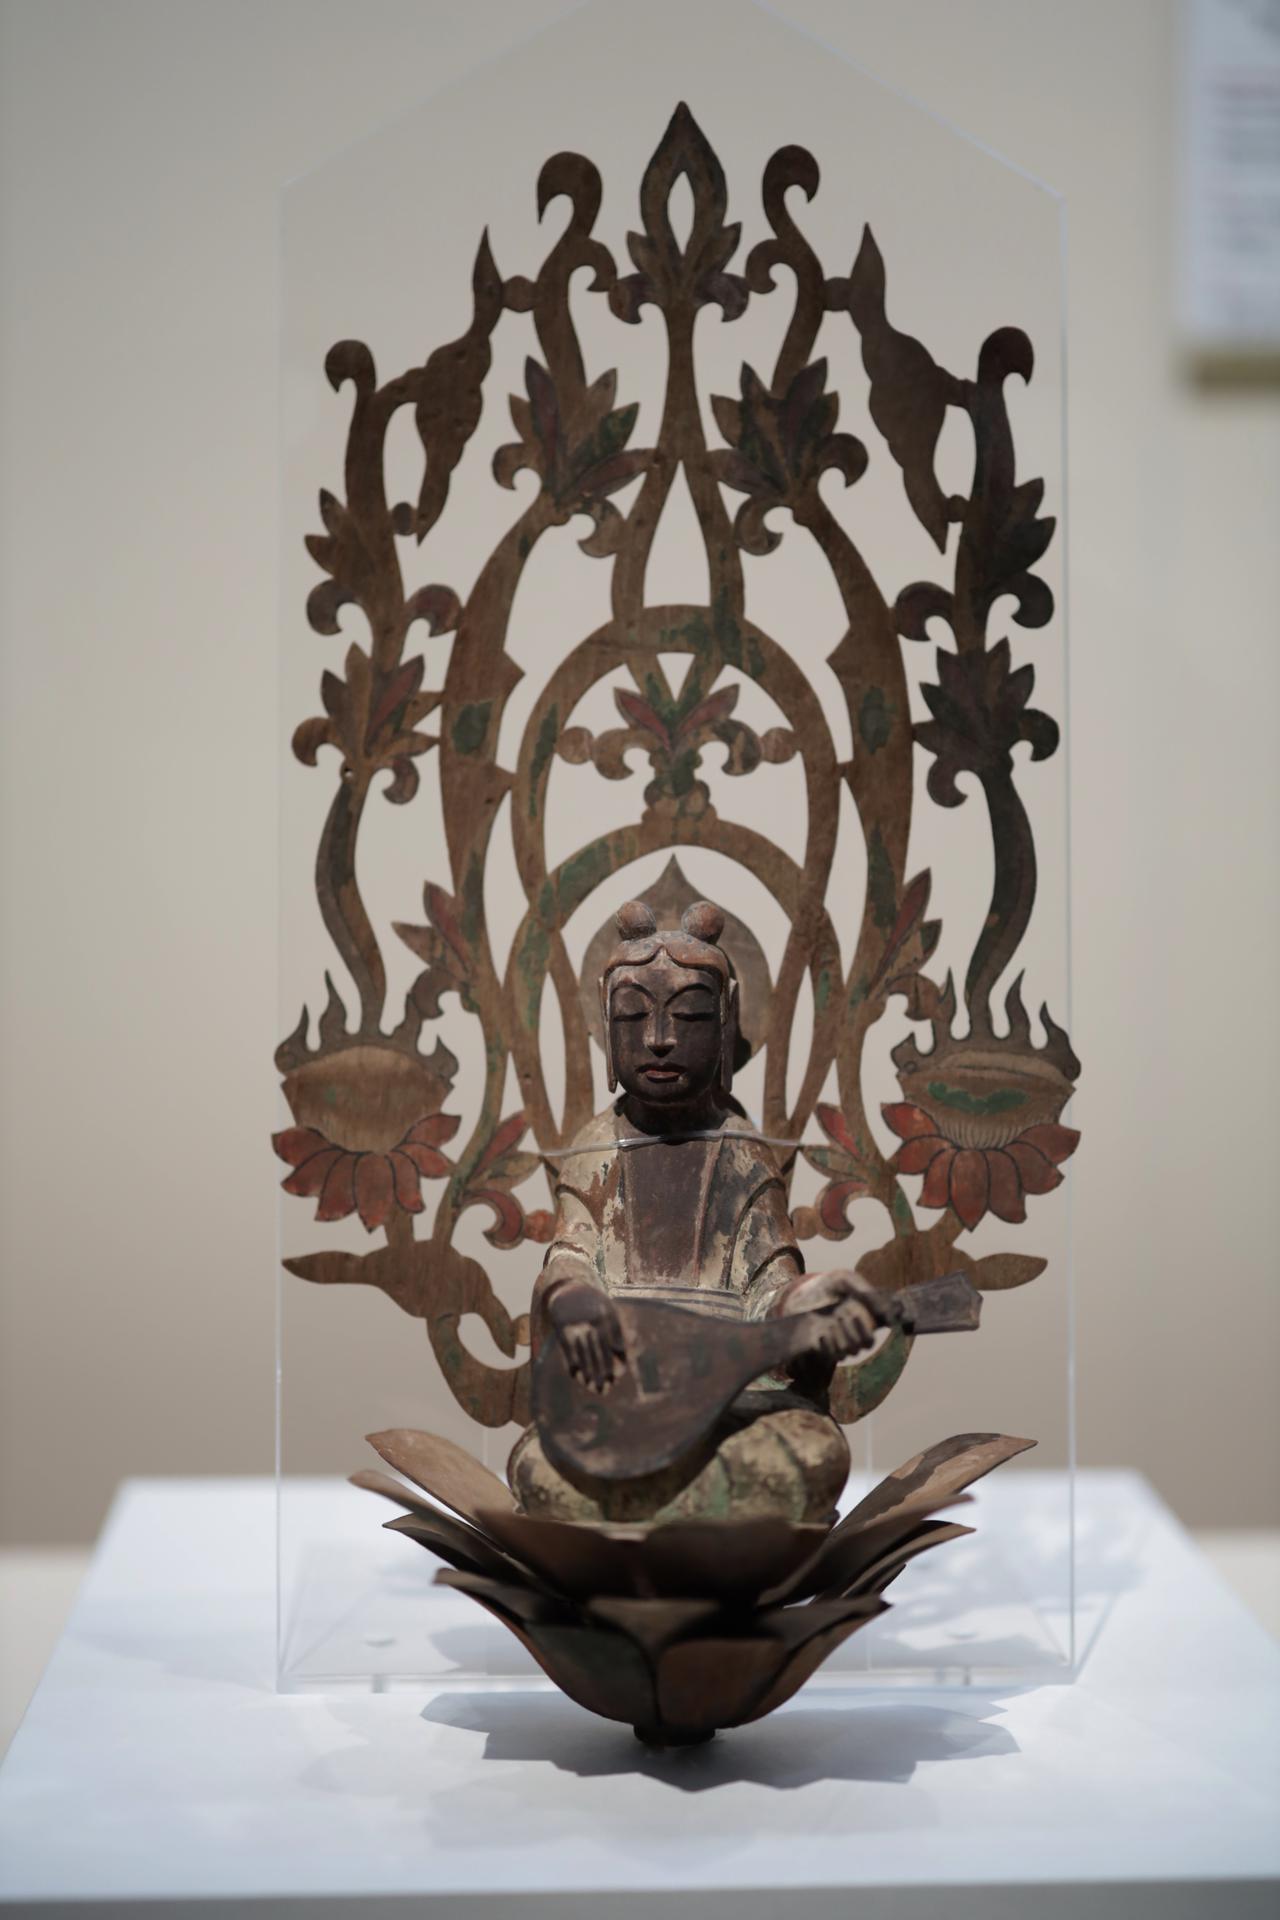 画像: 天人(法隆寺金堂天蓋付属) 飛鳥時代7世紀 奈良・法隆寺 国宝 法隆寺金堂で仏像の上に吊り下げられた天蓋の一部